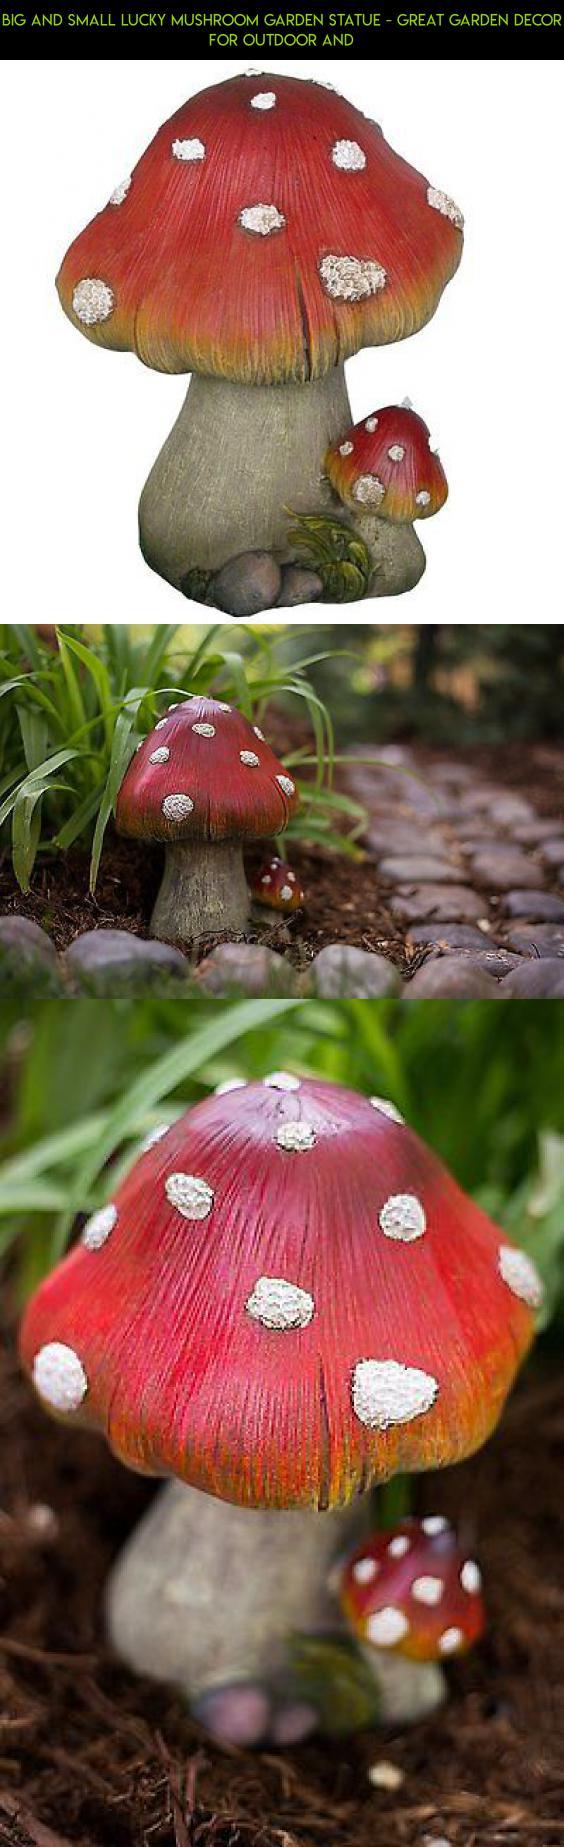 Garden decor statues  Big and Small Lucky Mushroom Garden Statue  Great Garden Decor for